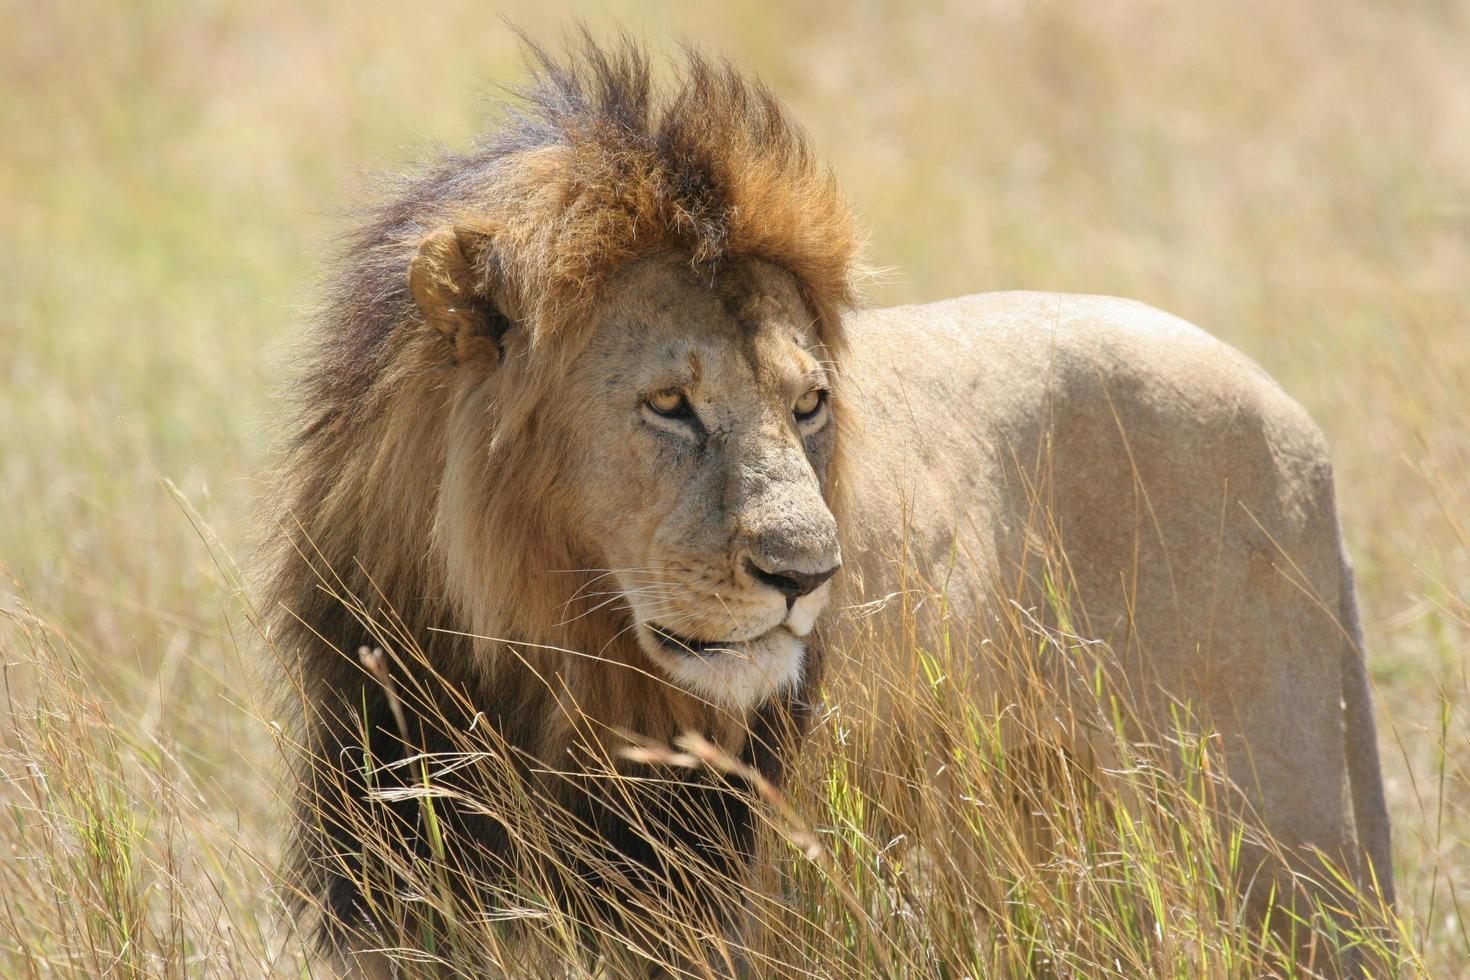 lion mâle sauvage debout dans un champ photo